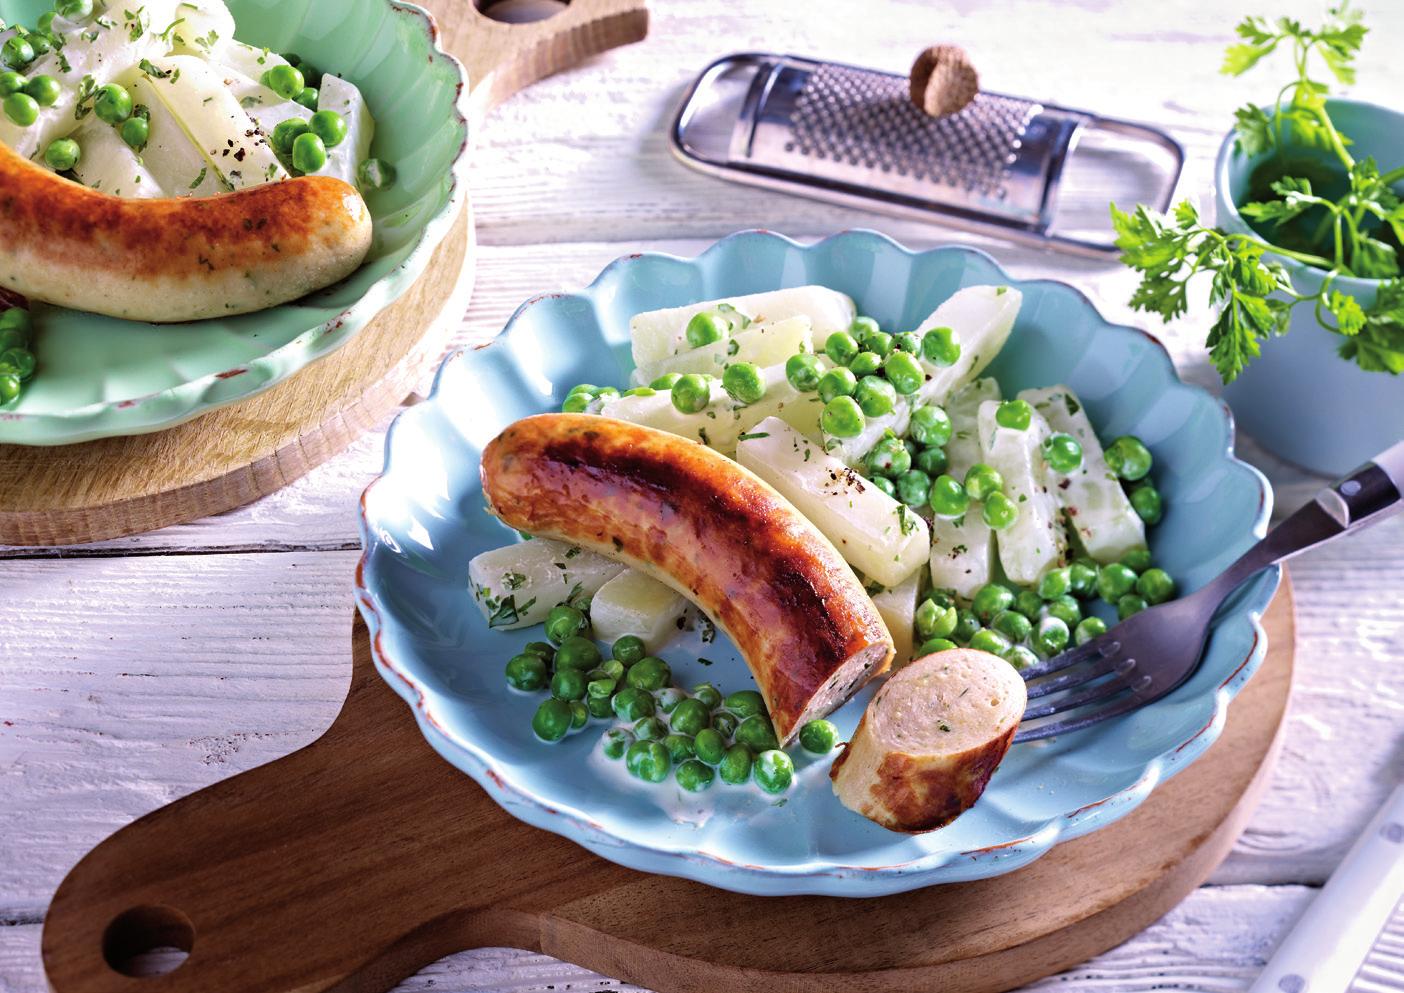 Kohlrabi-Erbsen-Gemüse zu Bergischer Bratwurst mit Kalbfleisch